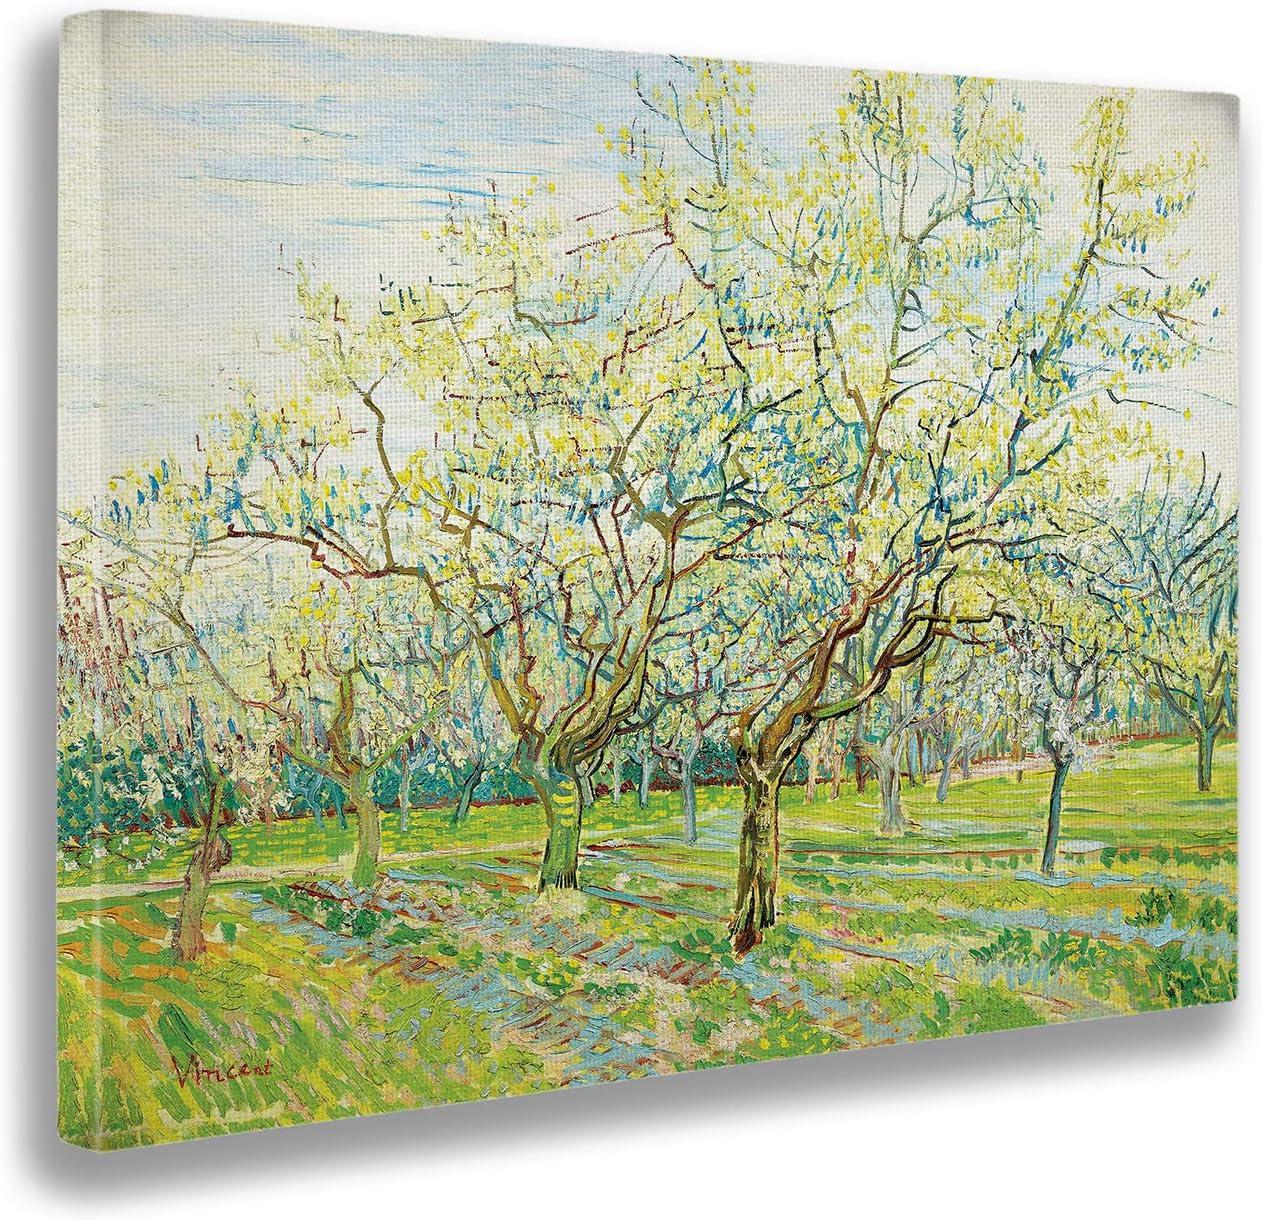 Giallobus - Cuadro - Vincent Van Gogh - El huerto Blanco - Estampado en Lienzo - Listo para Colgar - Varios tamaños 140x100 cm